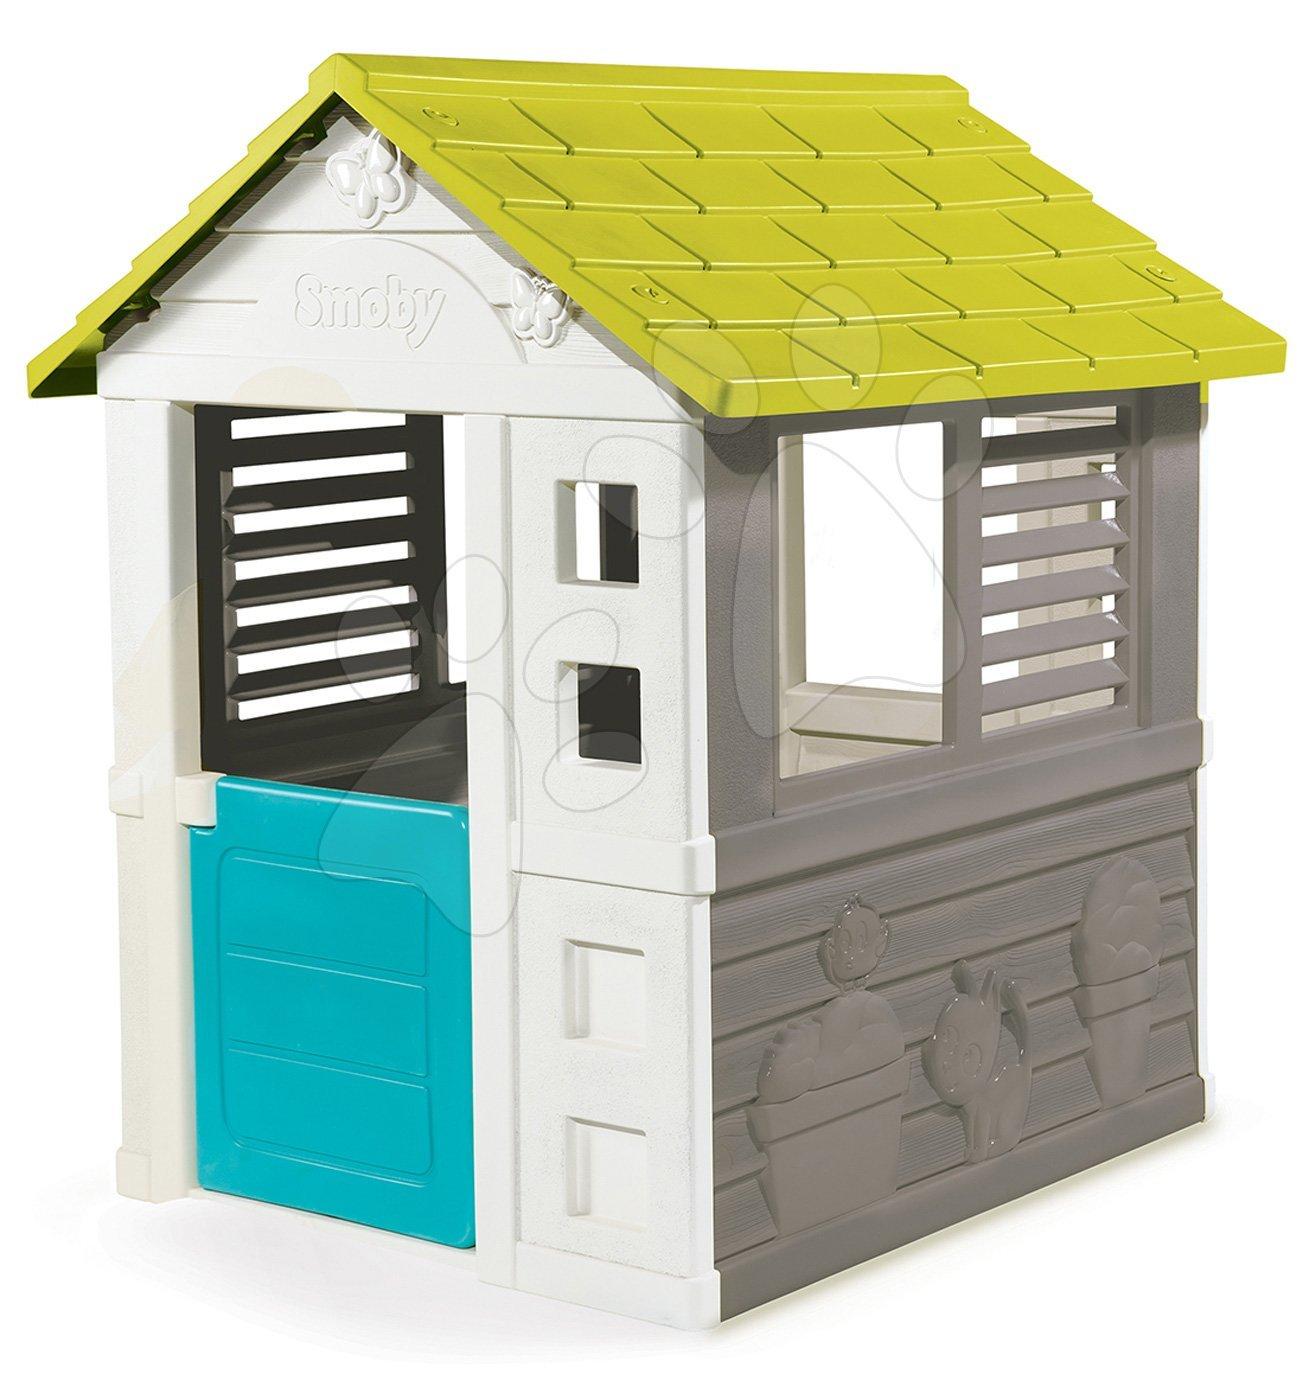 Hišica Jolie Smoby modro-siva s 3 okni in 2 žaluzijami z UV filtrom od 2 leta